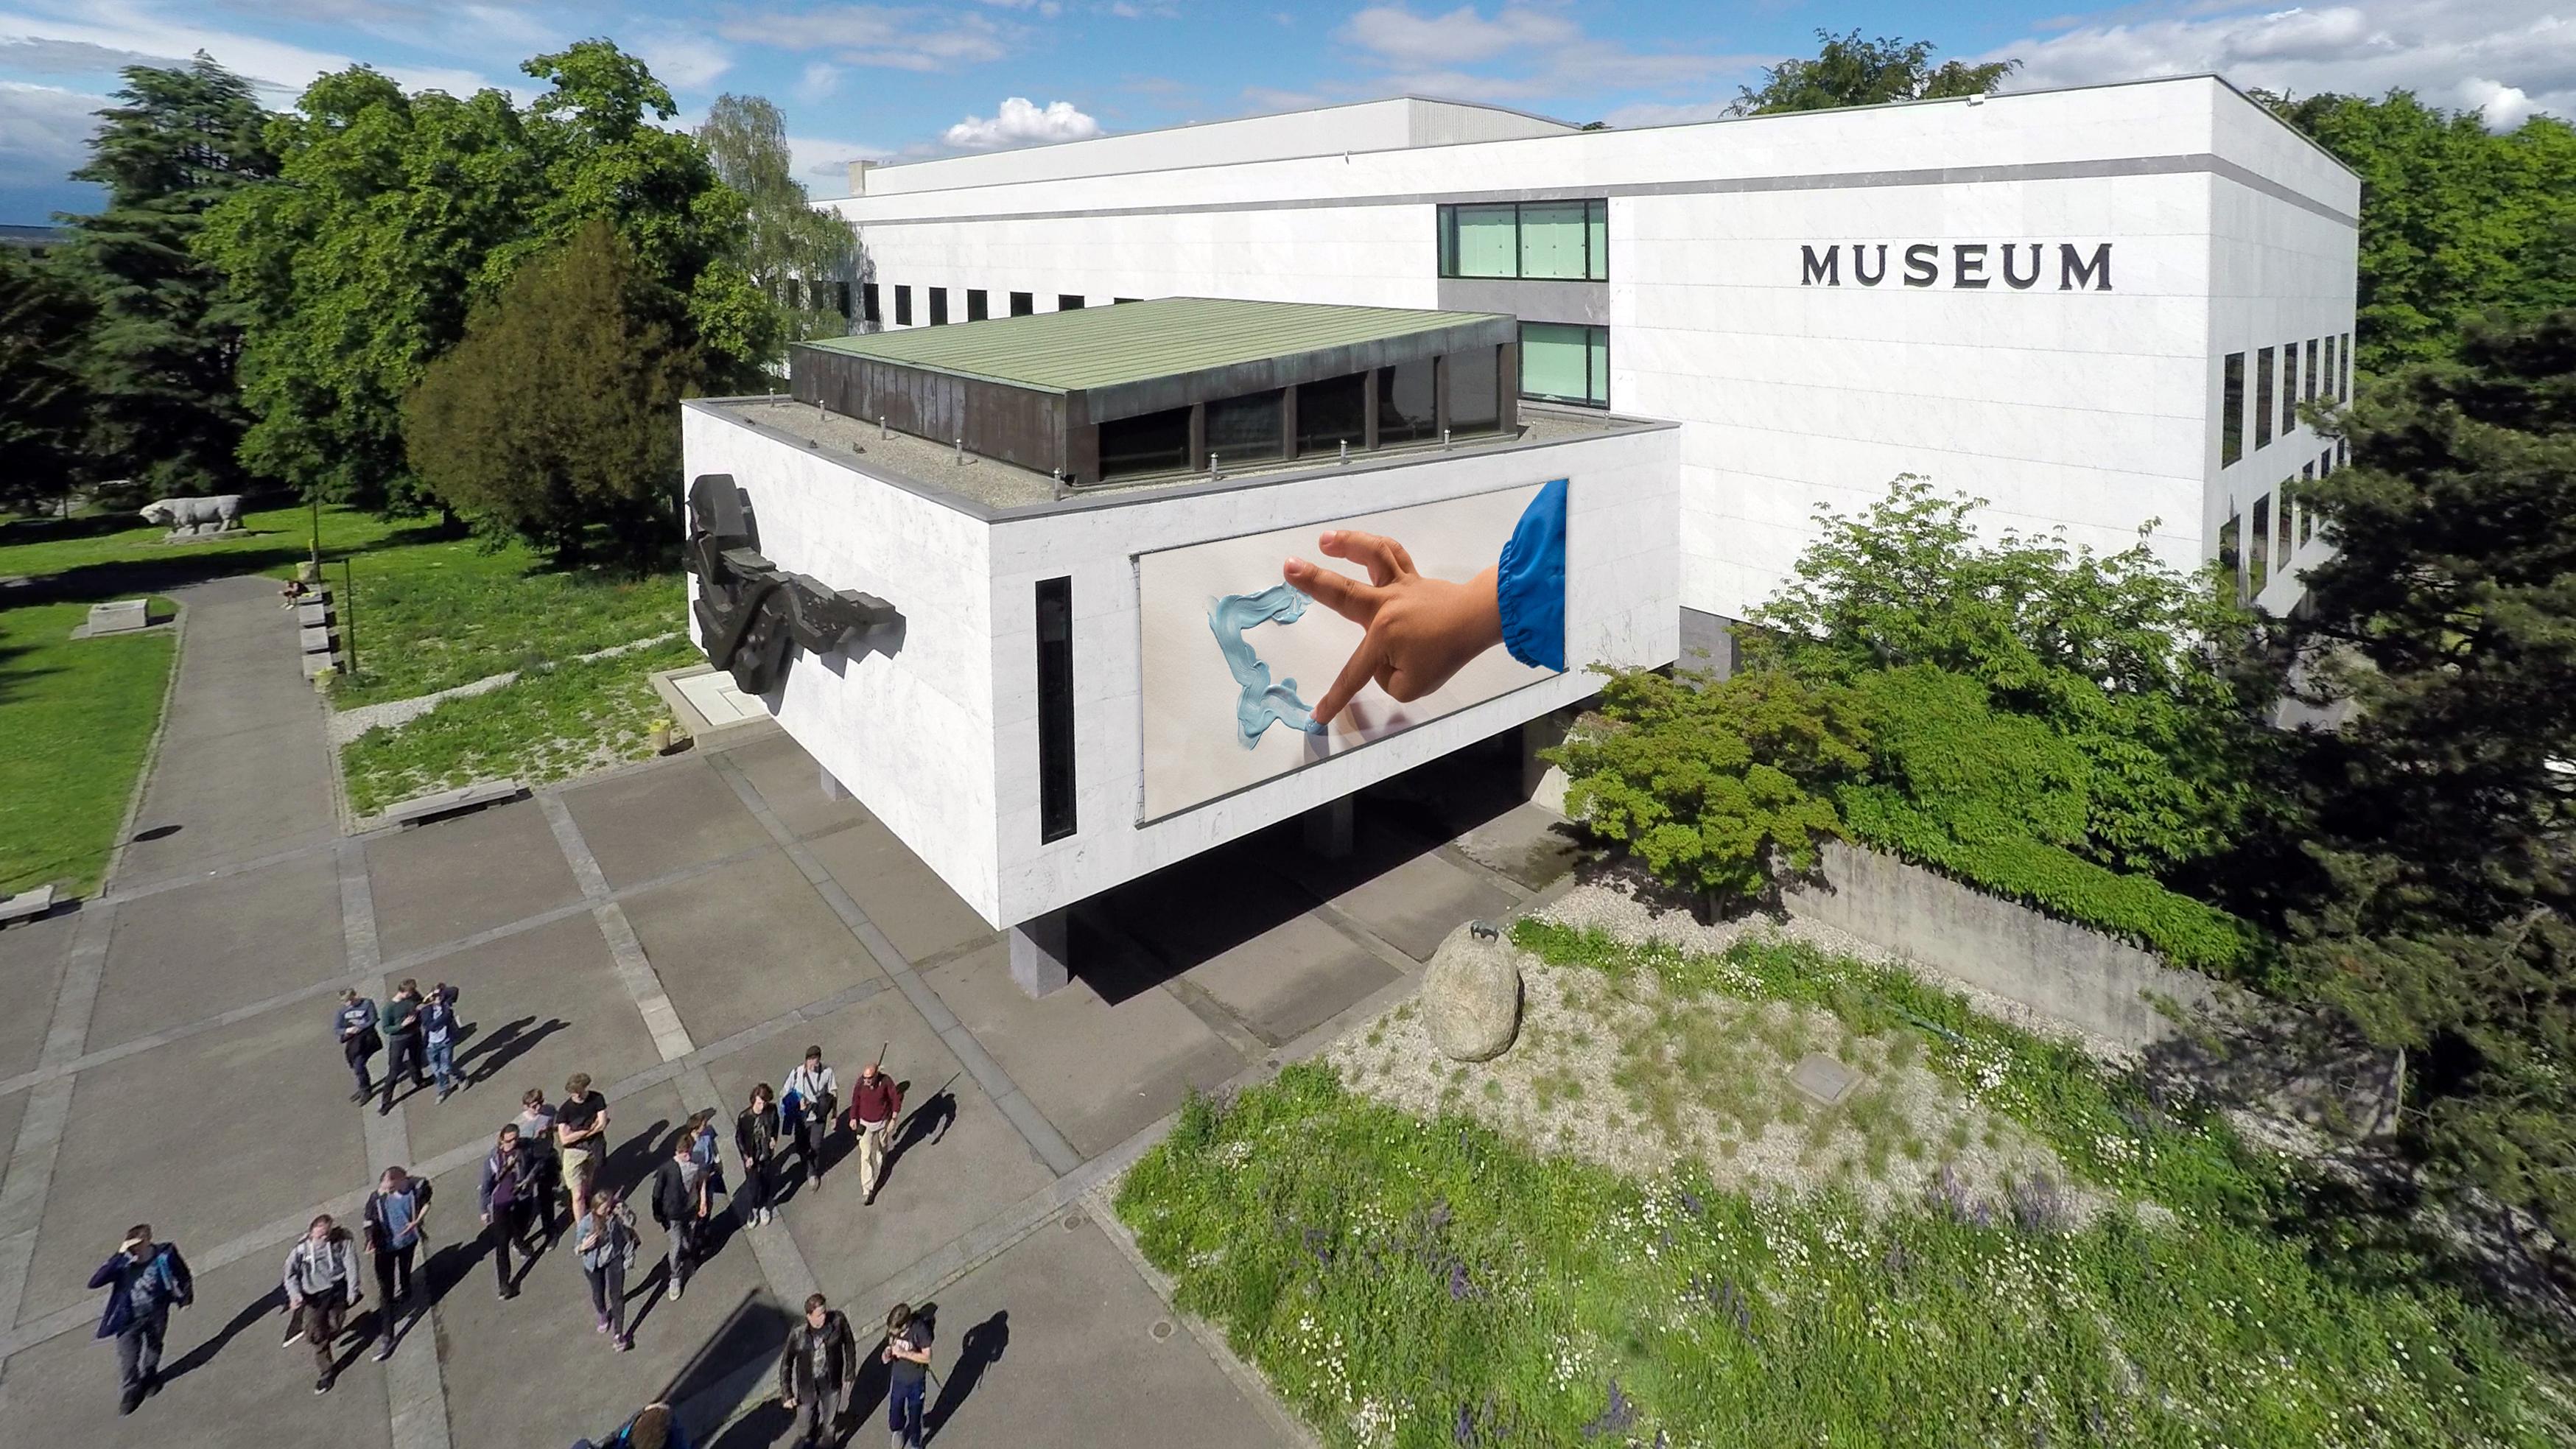 Affiche de 10 objets de la collection du Musée d'histoire naturelle